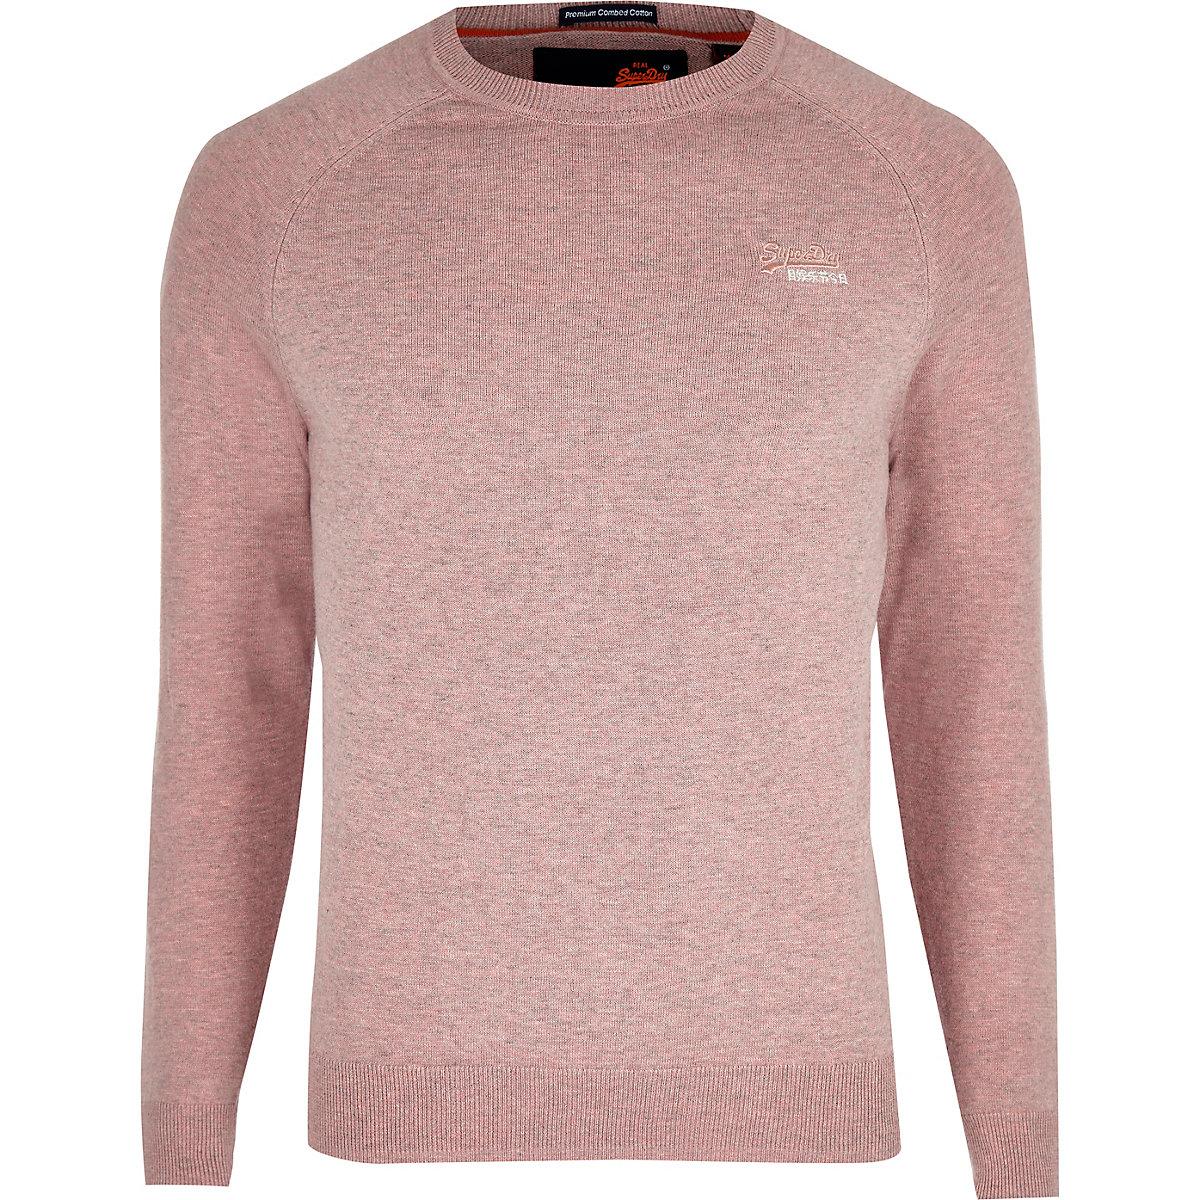 Superdry pink logo embroidered jumper